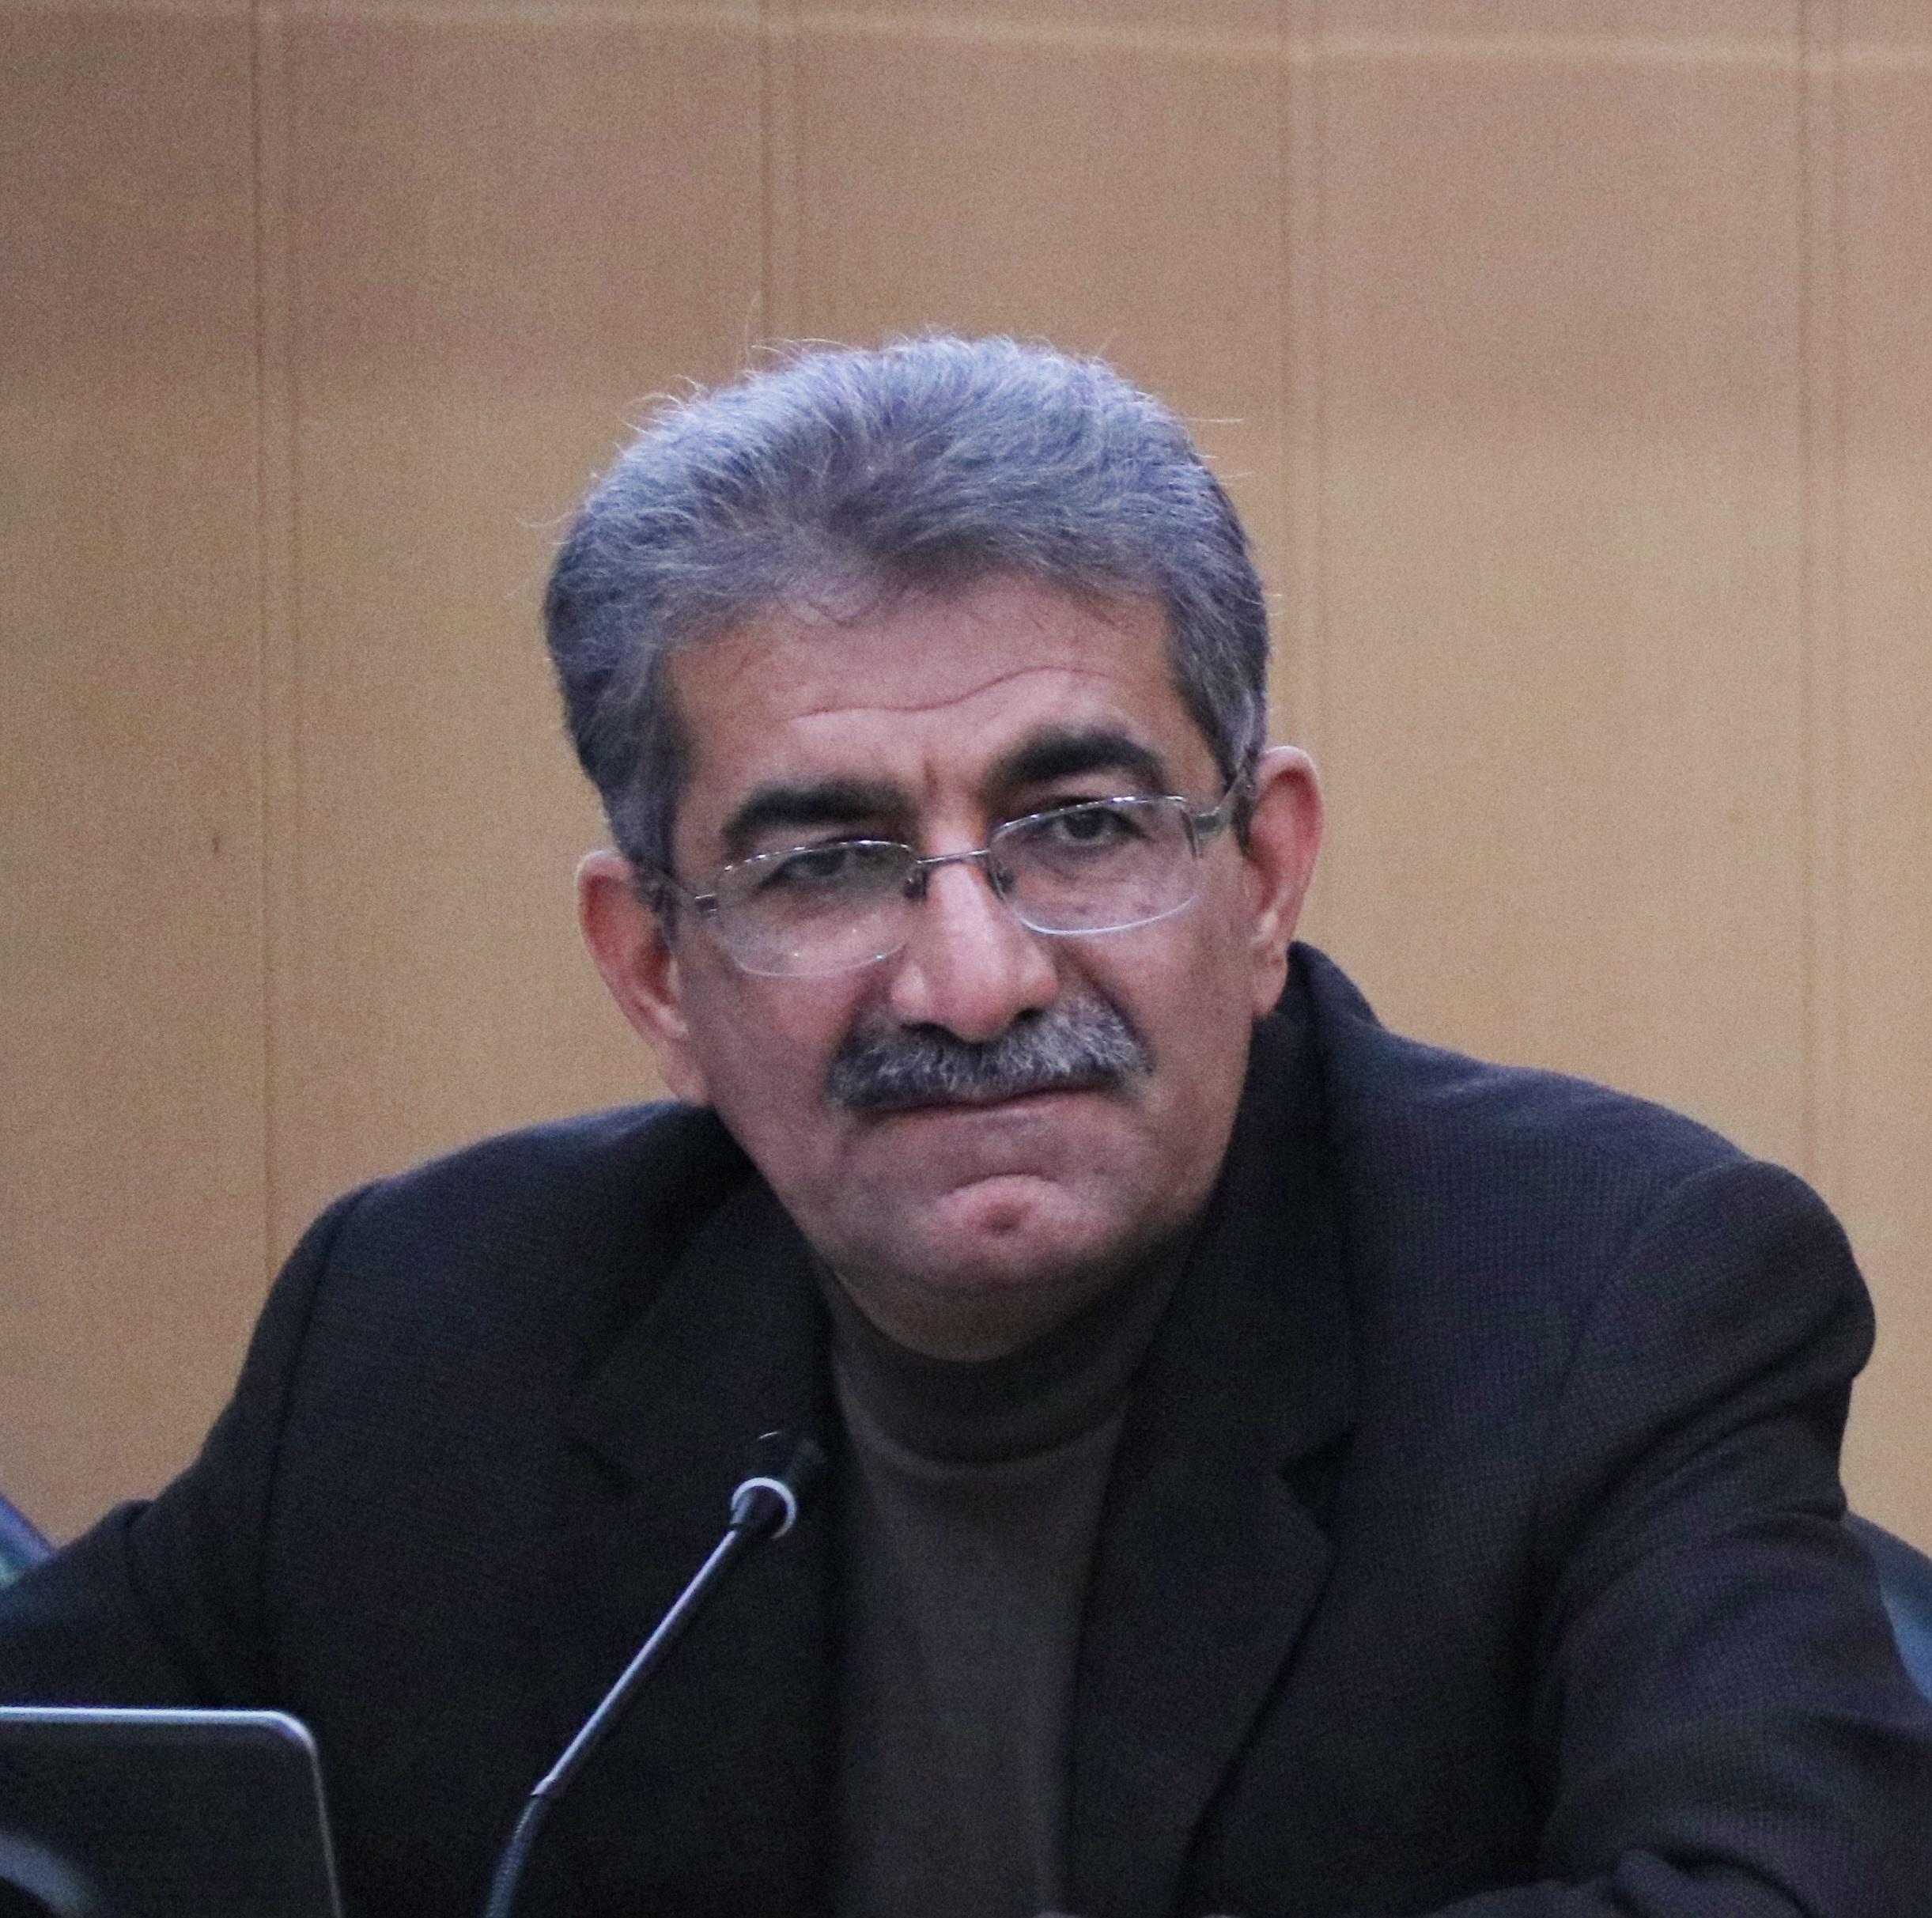 پرداخت ۲۹میلیارد ۶۰۰ میلیون ریال تسهیلات به طرحهای گردشگری استان فارس